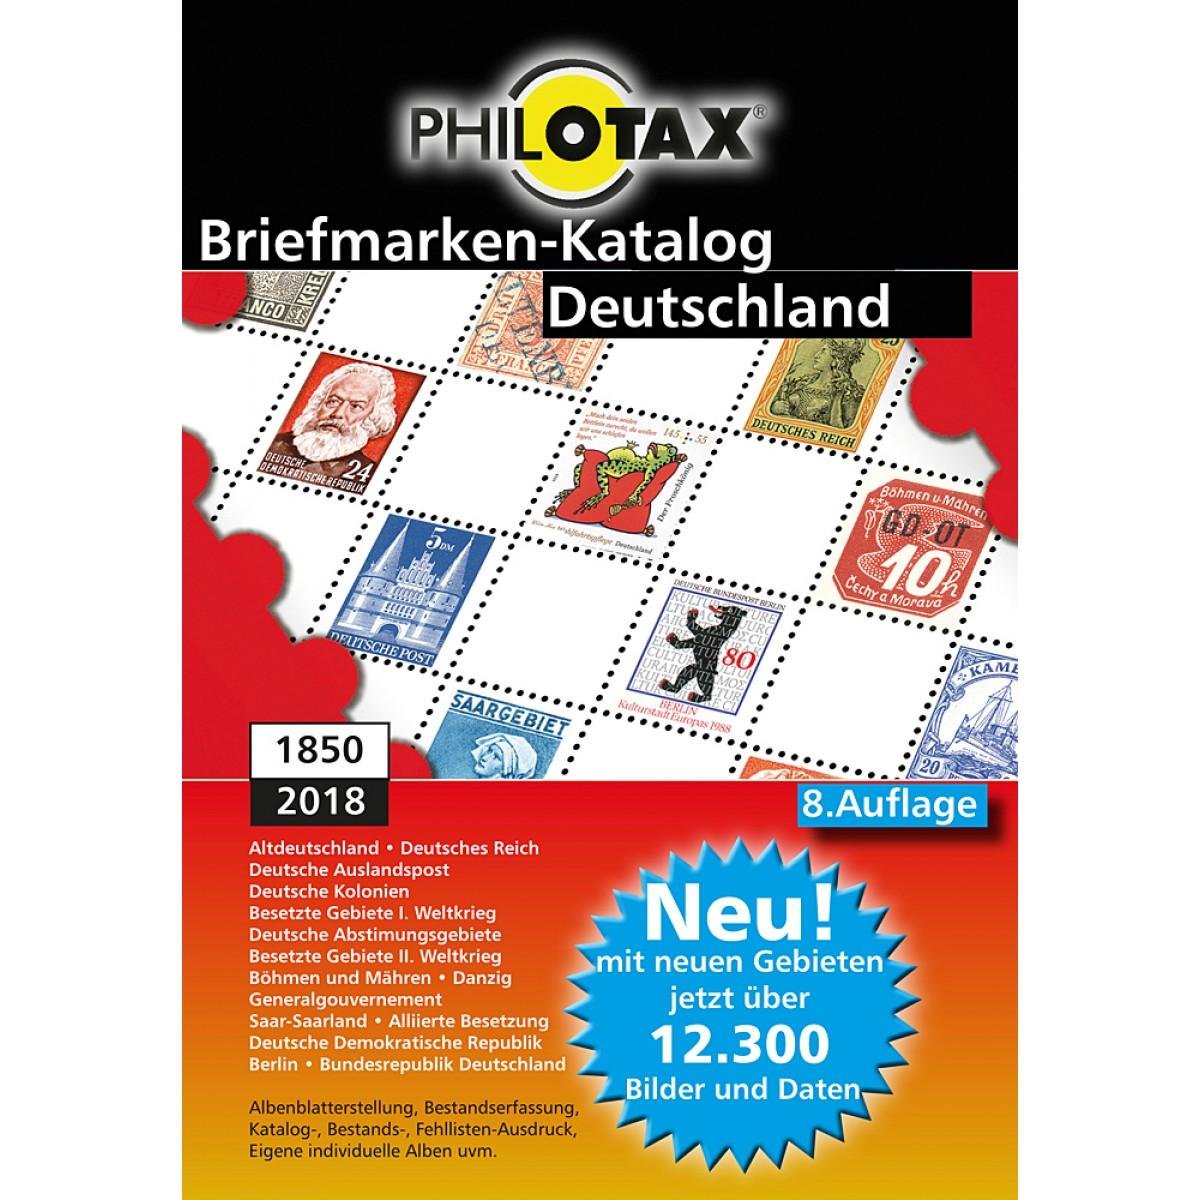 Philotax Dvd Briefmarken Katalog Deutschland 8 Auflage